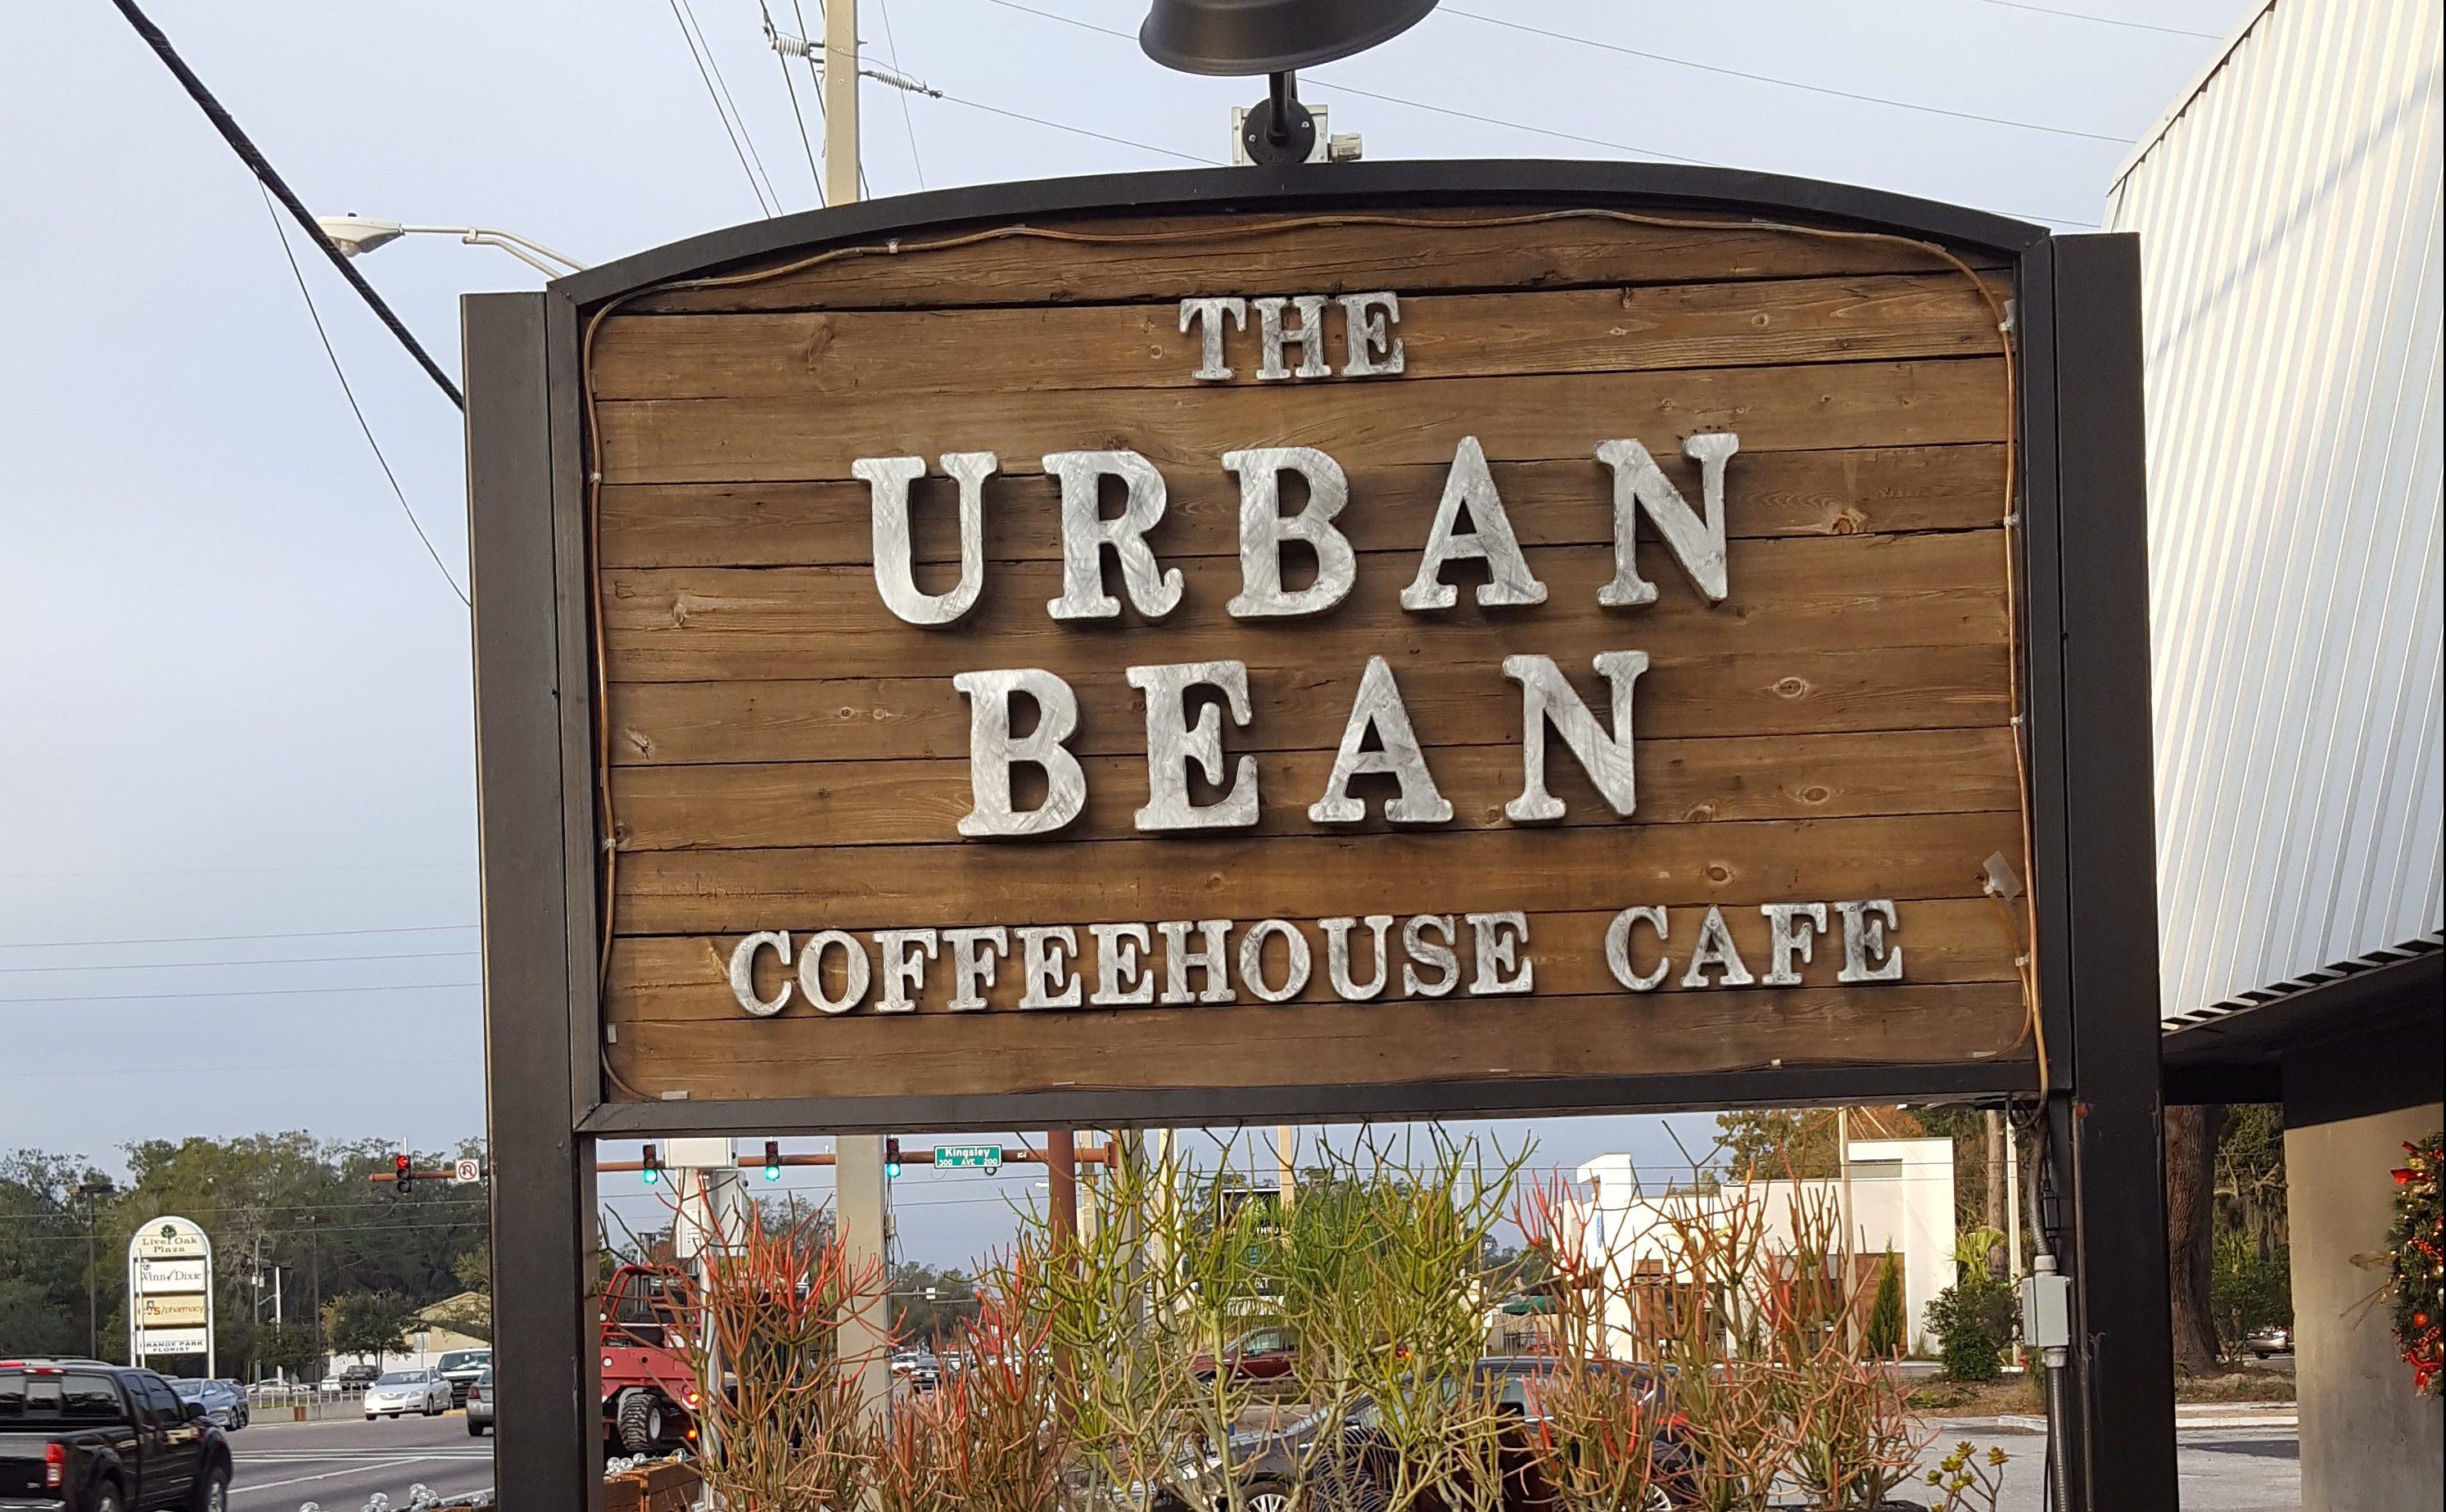 The Urban Bean Coffeehouse Cafe, photo by Ann Johnson